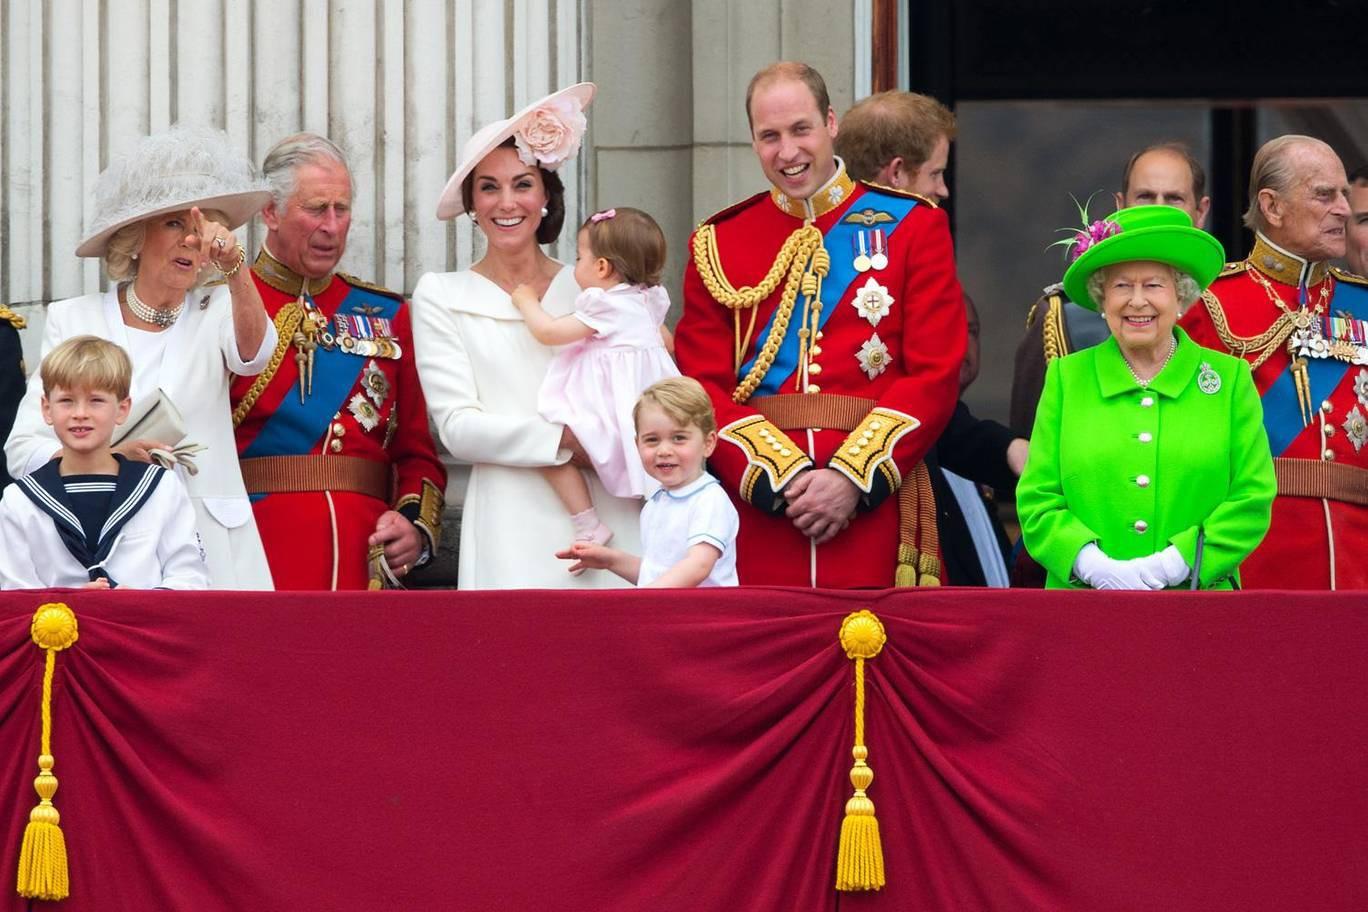 Hơn 40 bức ảnh ghi lại những khoảnh khắc cực đáng yêu cho thấy hành trình lớn lên của Hoàng tử George trong 5 năm đầu đời - Ảnh 20.